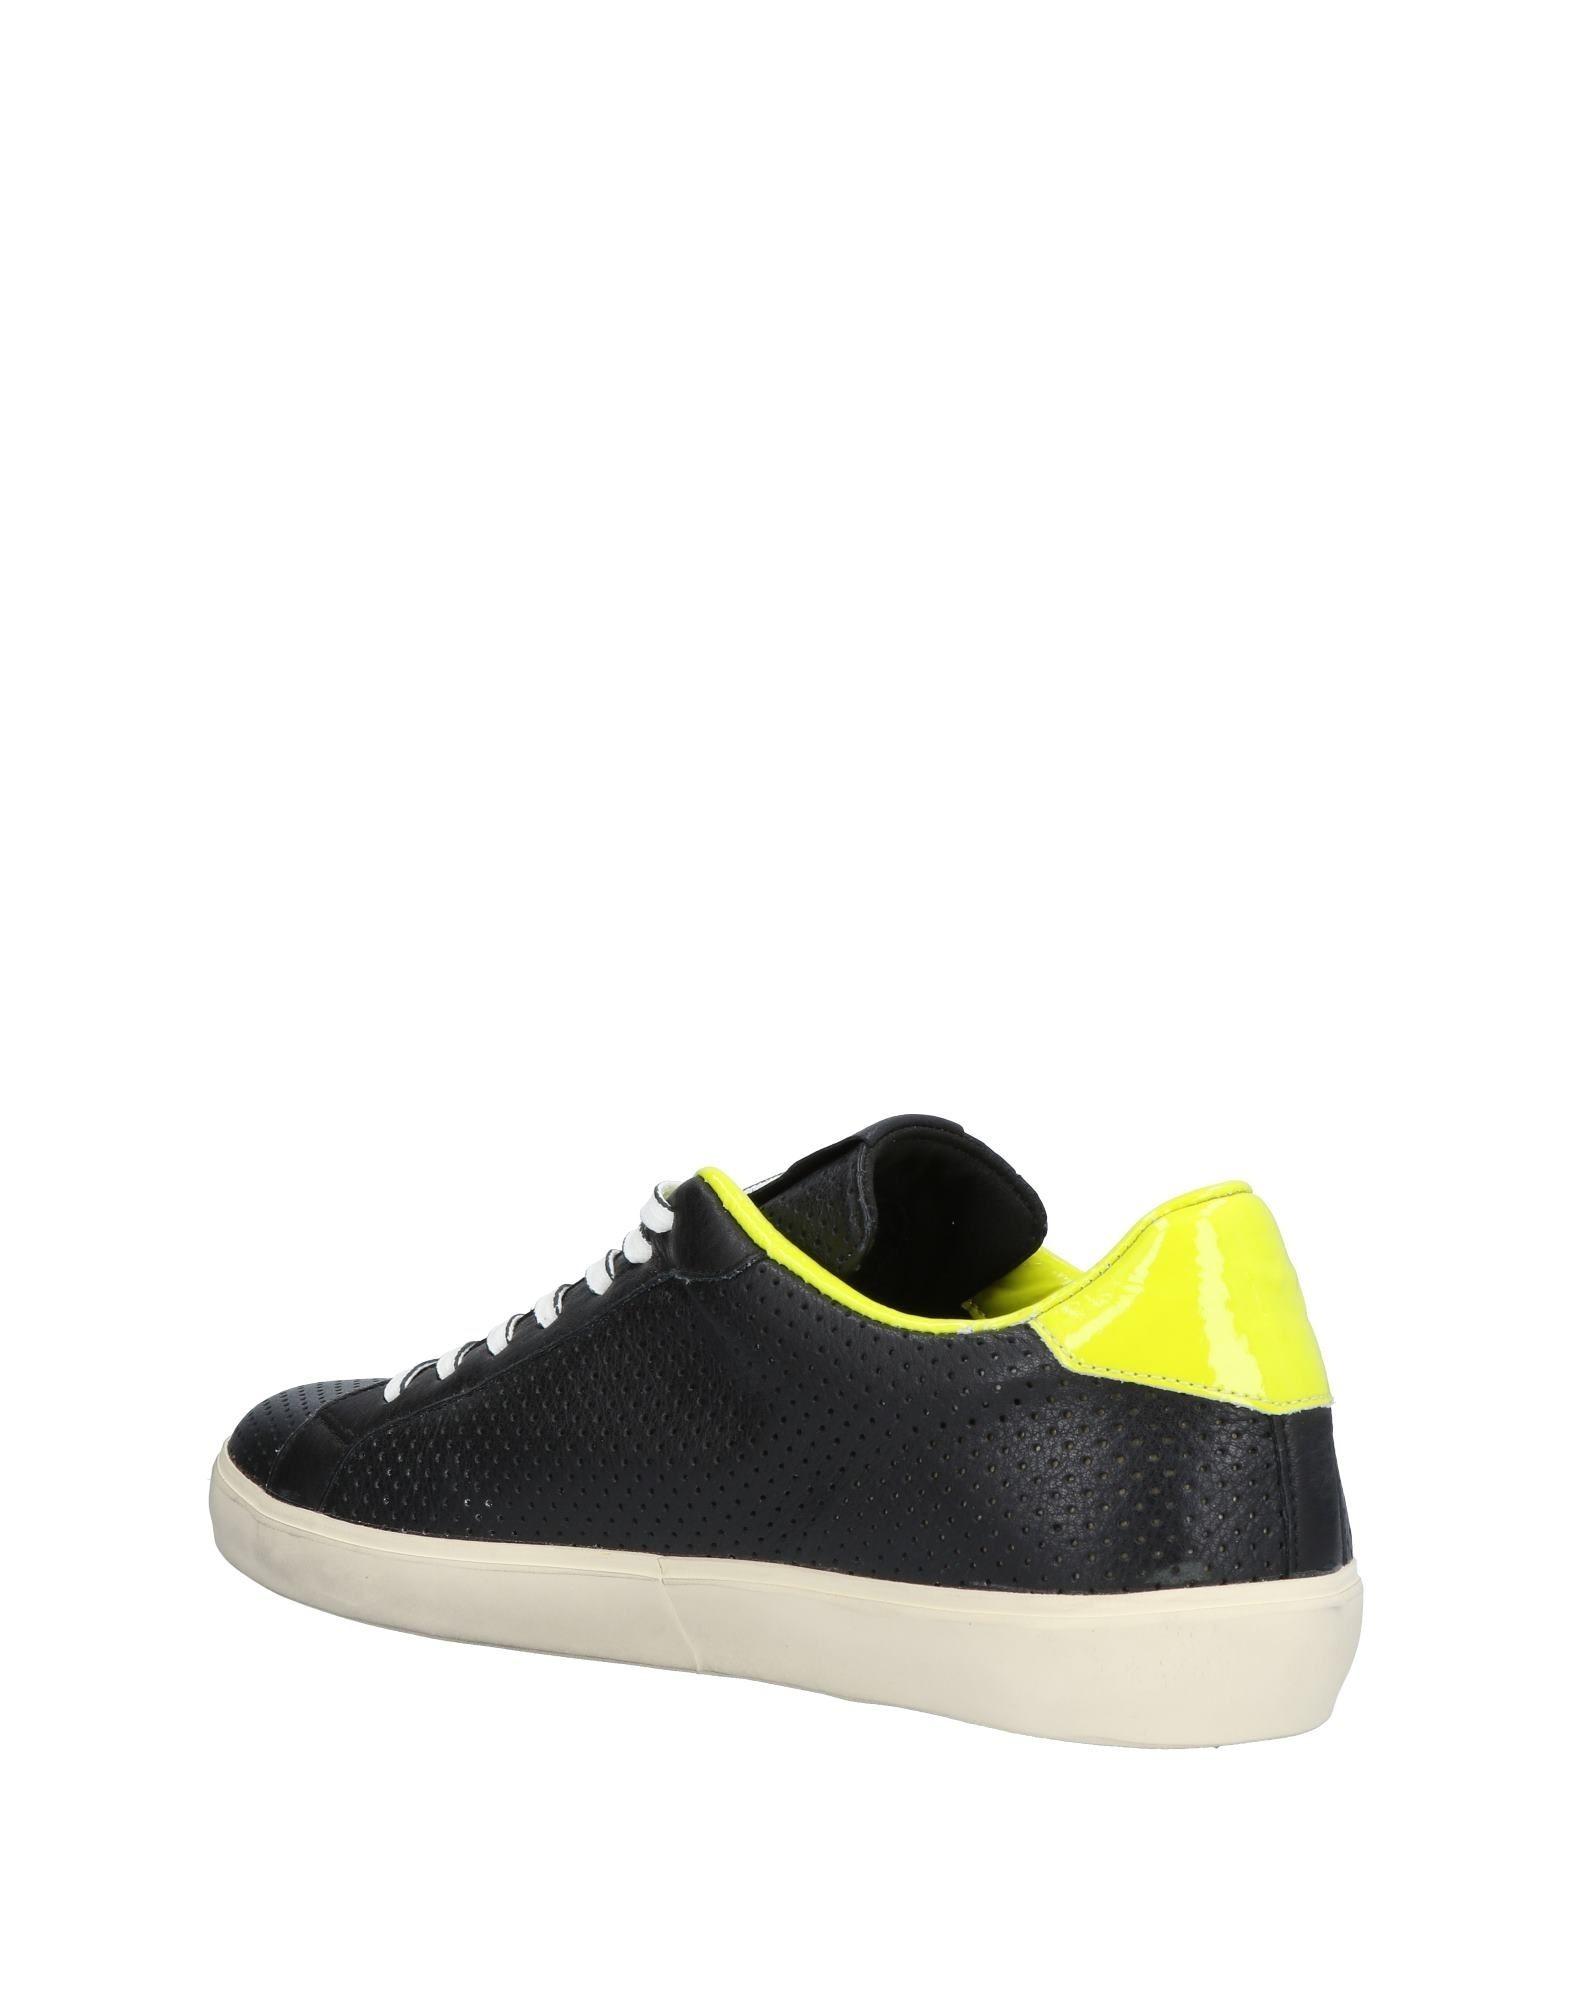 Alessandro Dell'acqua Sneakers Herren  11436518BN 11436518BN  Neue Schuhe 59682a